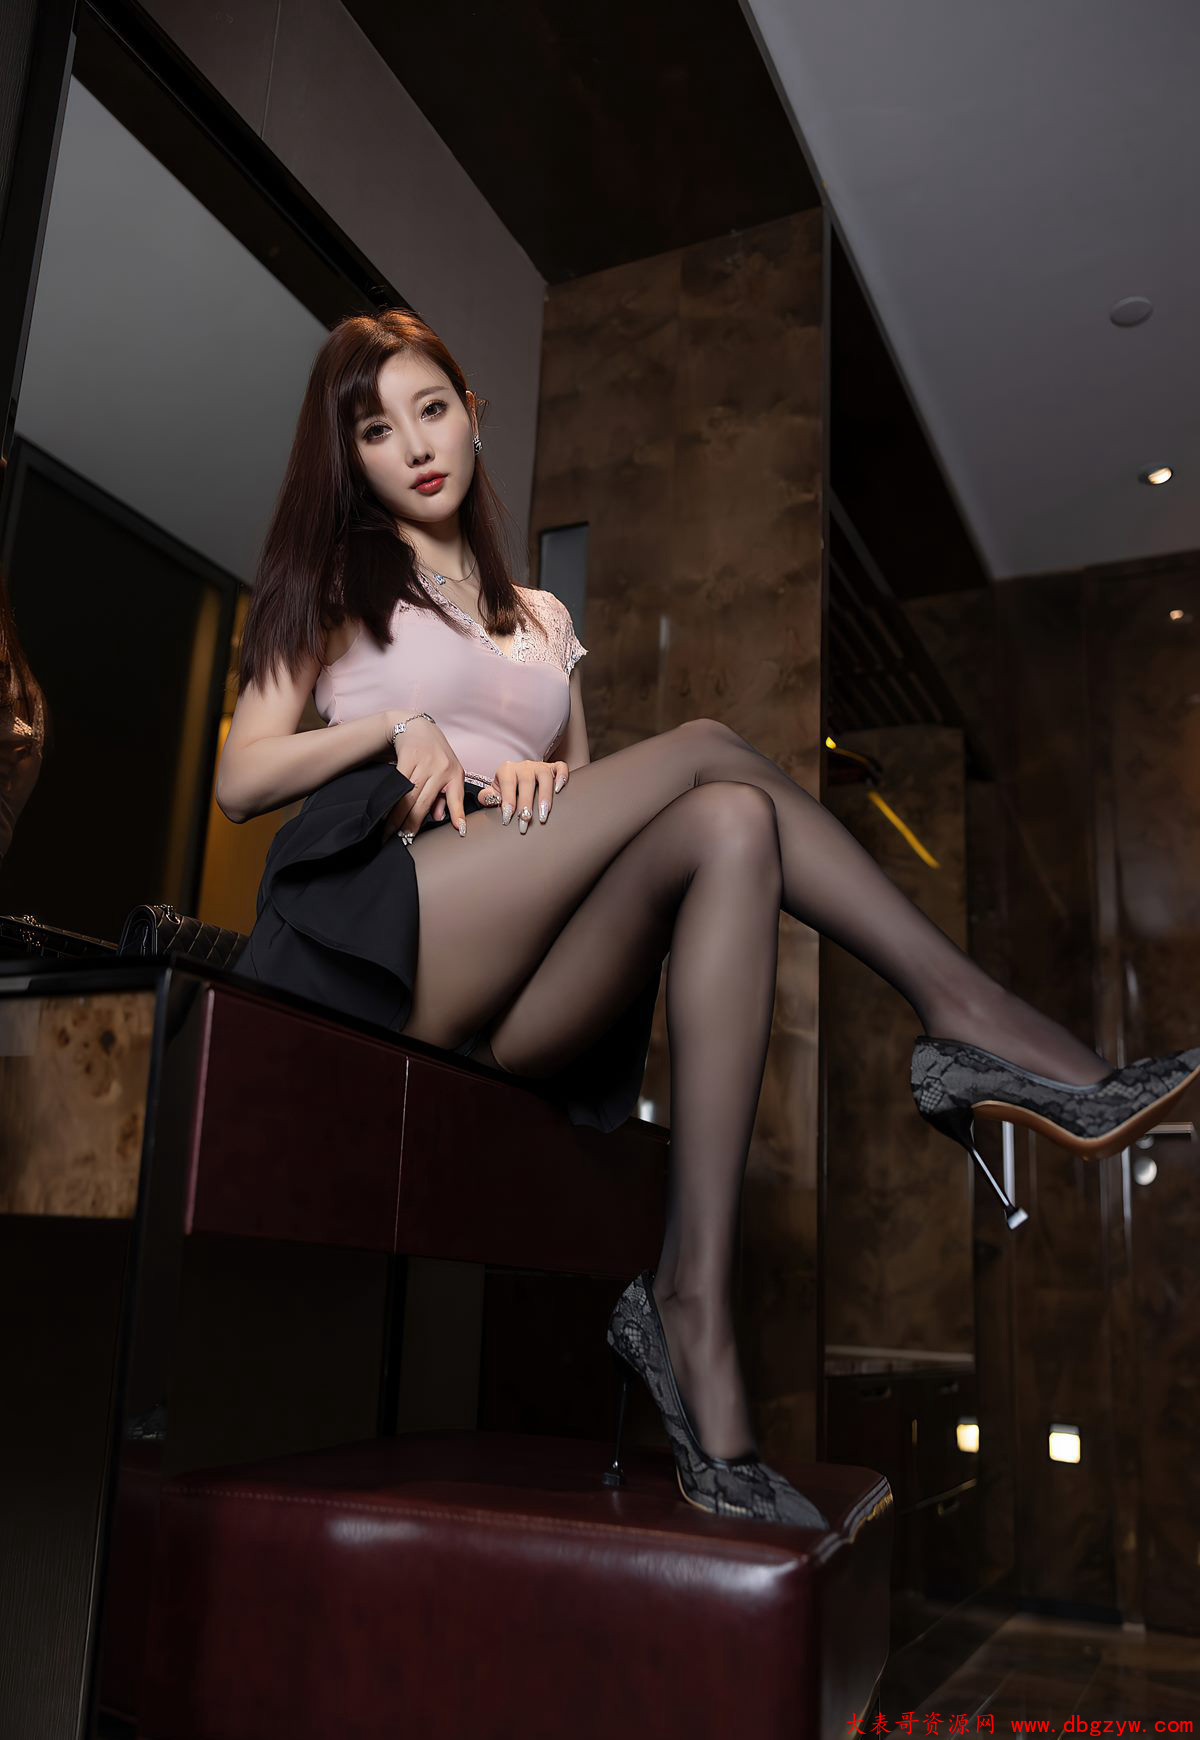 风骚大胸黑丝美少妇短裙美腿性感制服诱惑